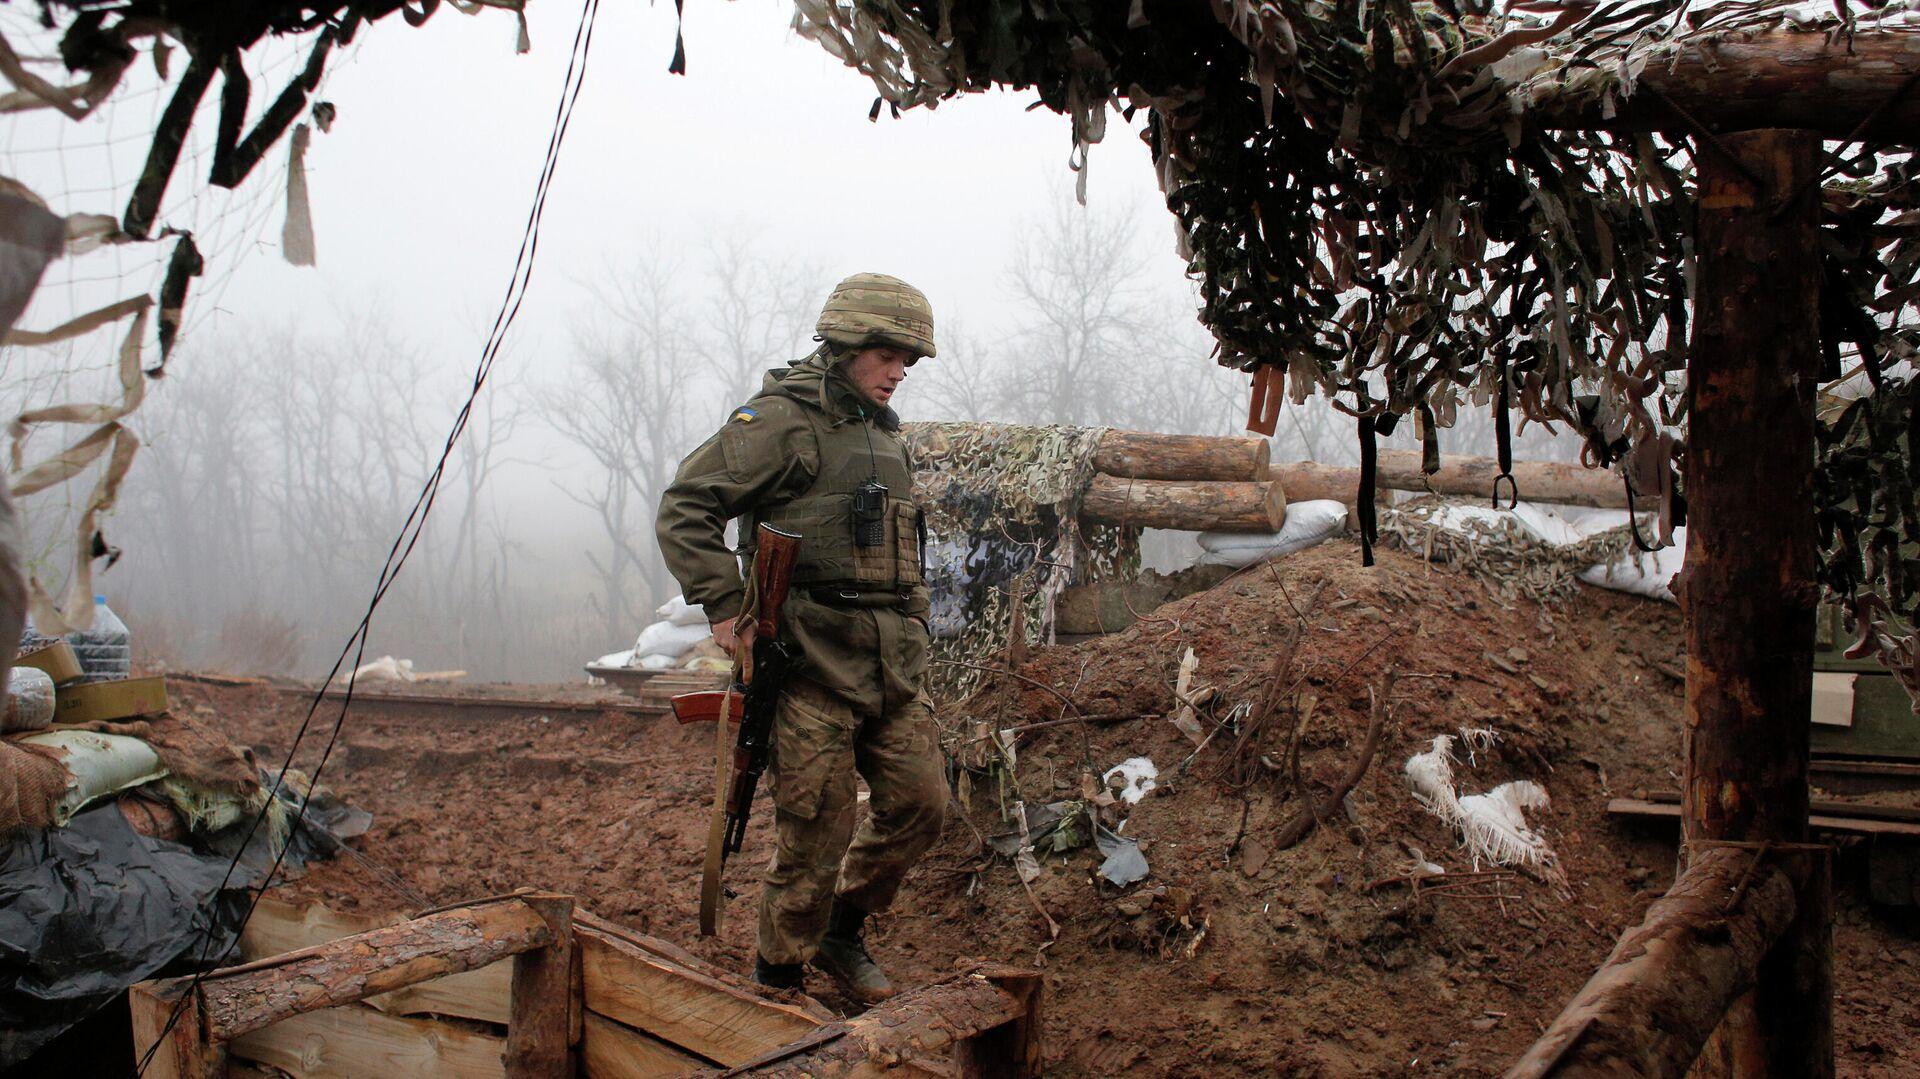 Двое украинских силовиков ранены при взрыве в Донбассе, заявили в ЛНР